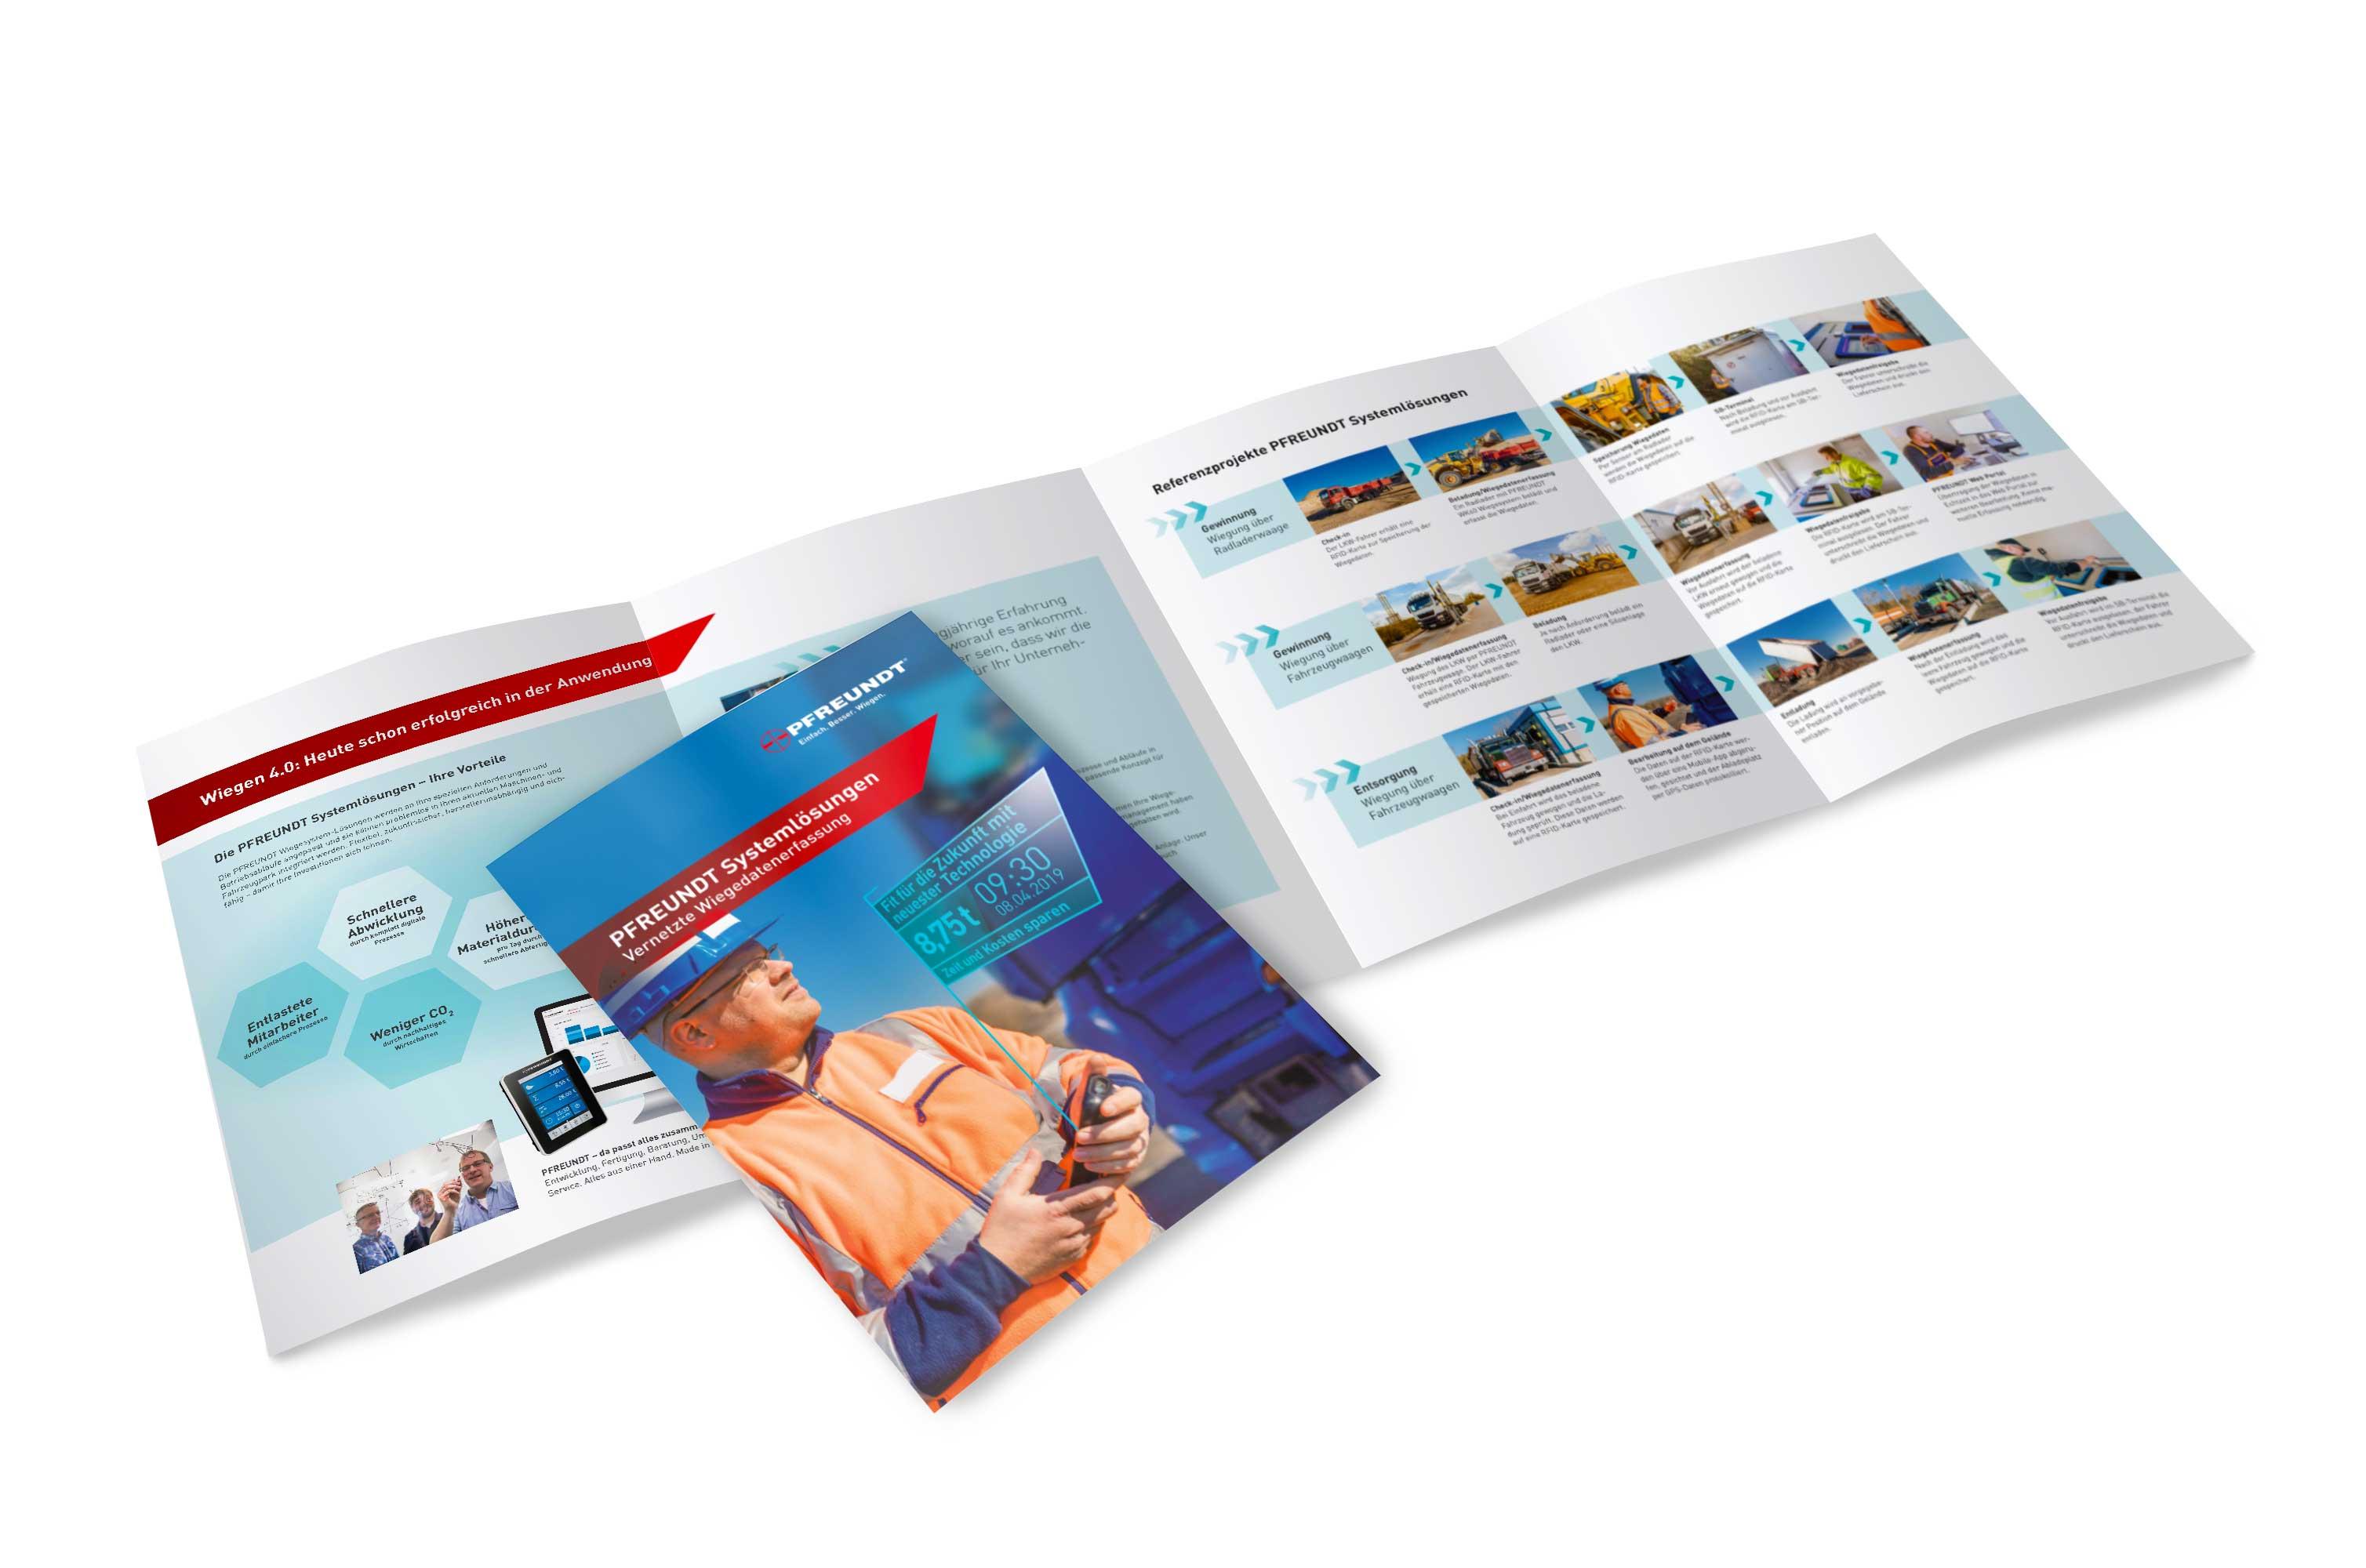 PFREUNDT Broschüre Systemlösungen – Vernetzte Wiegedatenerfassung